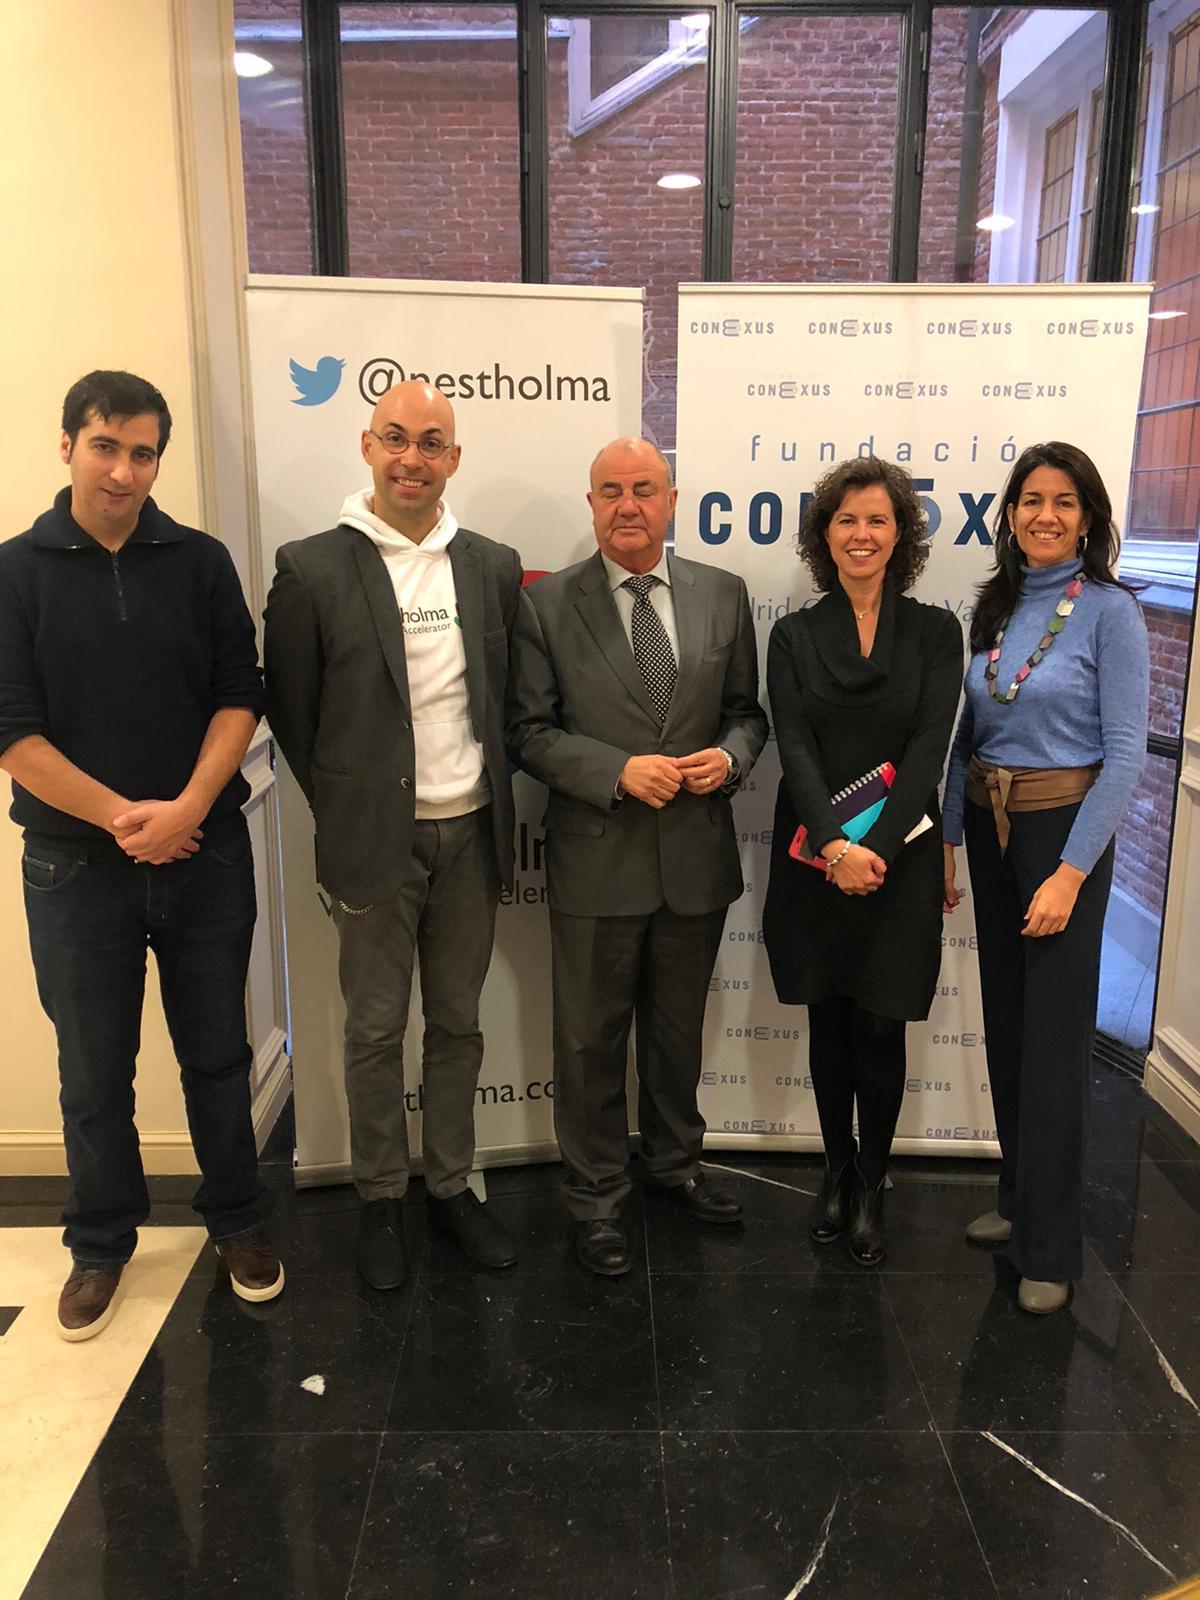 distrito-digital-comunidad-valenciana-blockchain-y-fintech-desayuno-informativo-fundacion-conexus-madrid